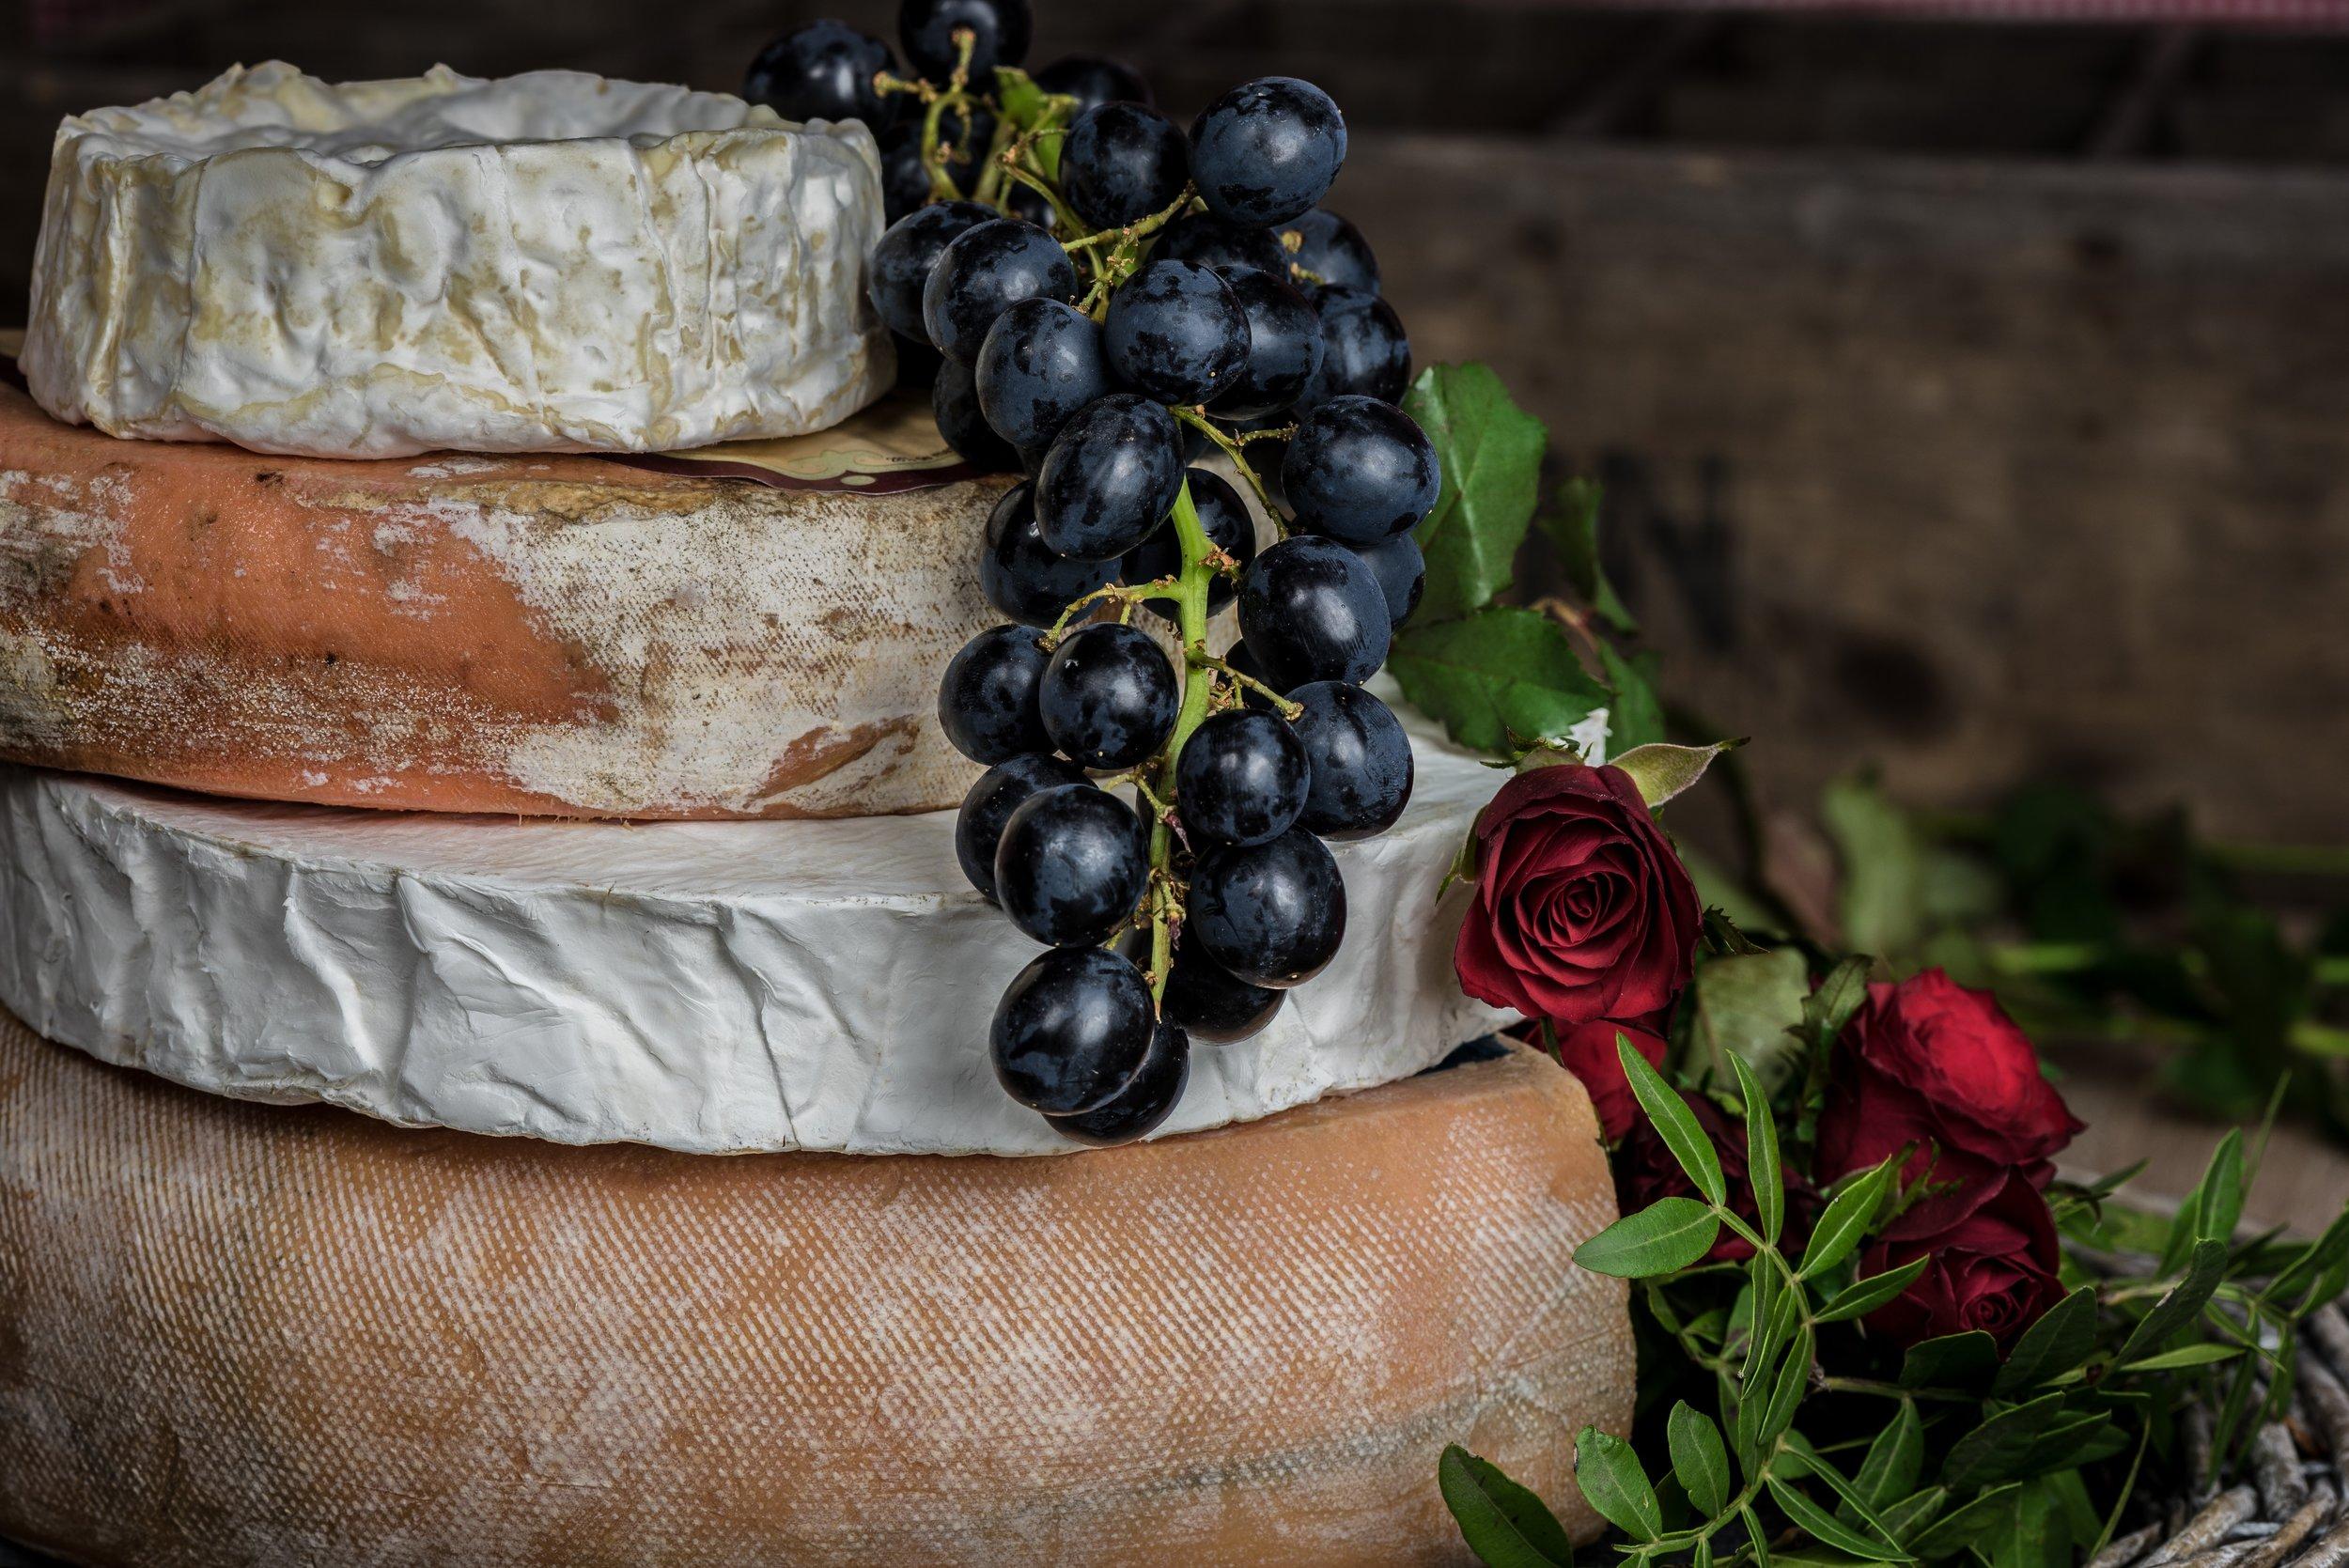 Ostbricka (Tillval 55kr) - Tre sorters ost serveras med kex, druvor samt aprikos&chilimarmelad